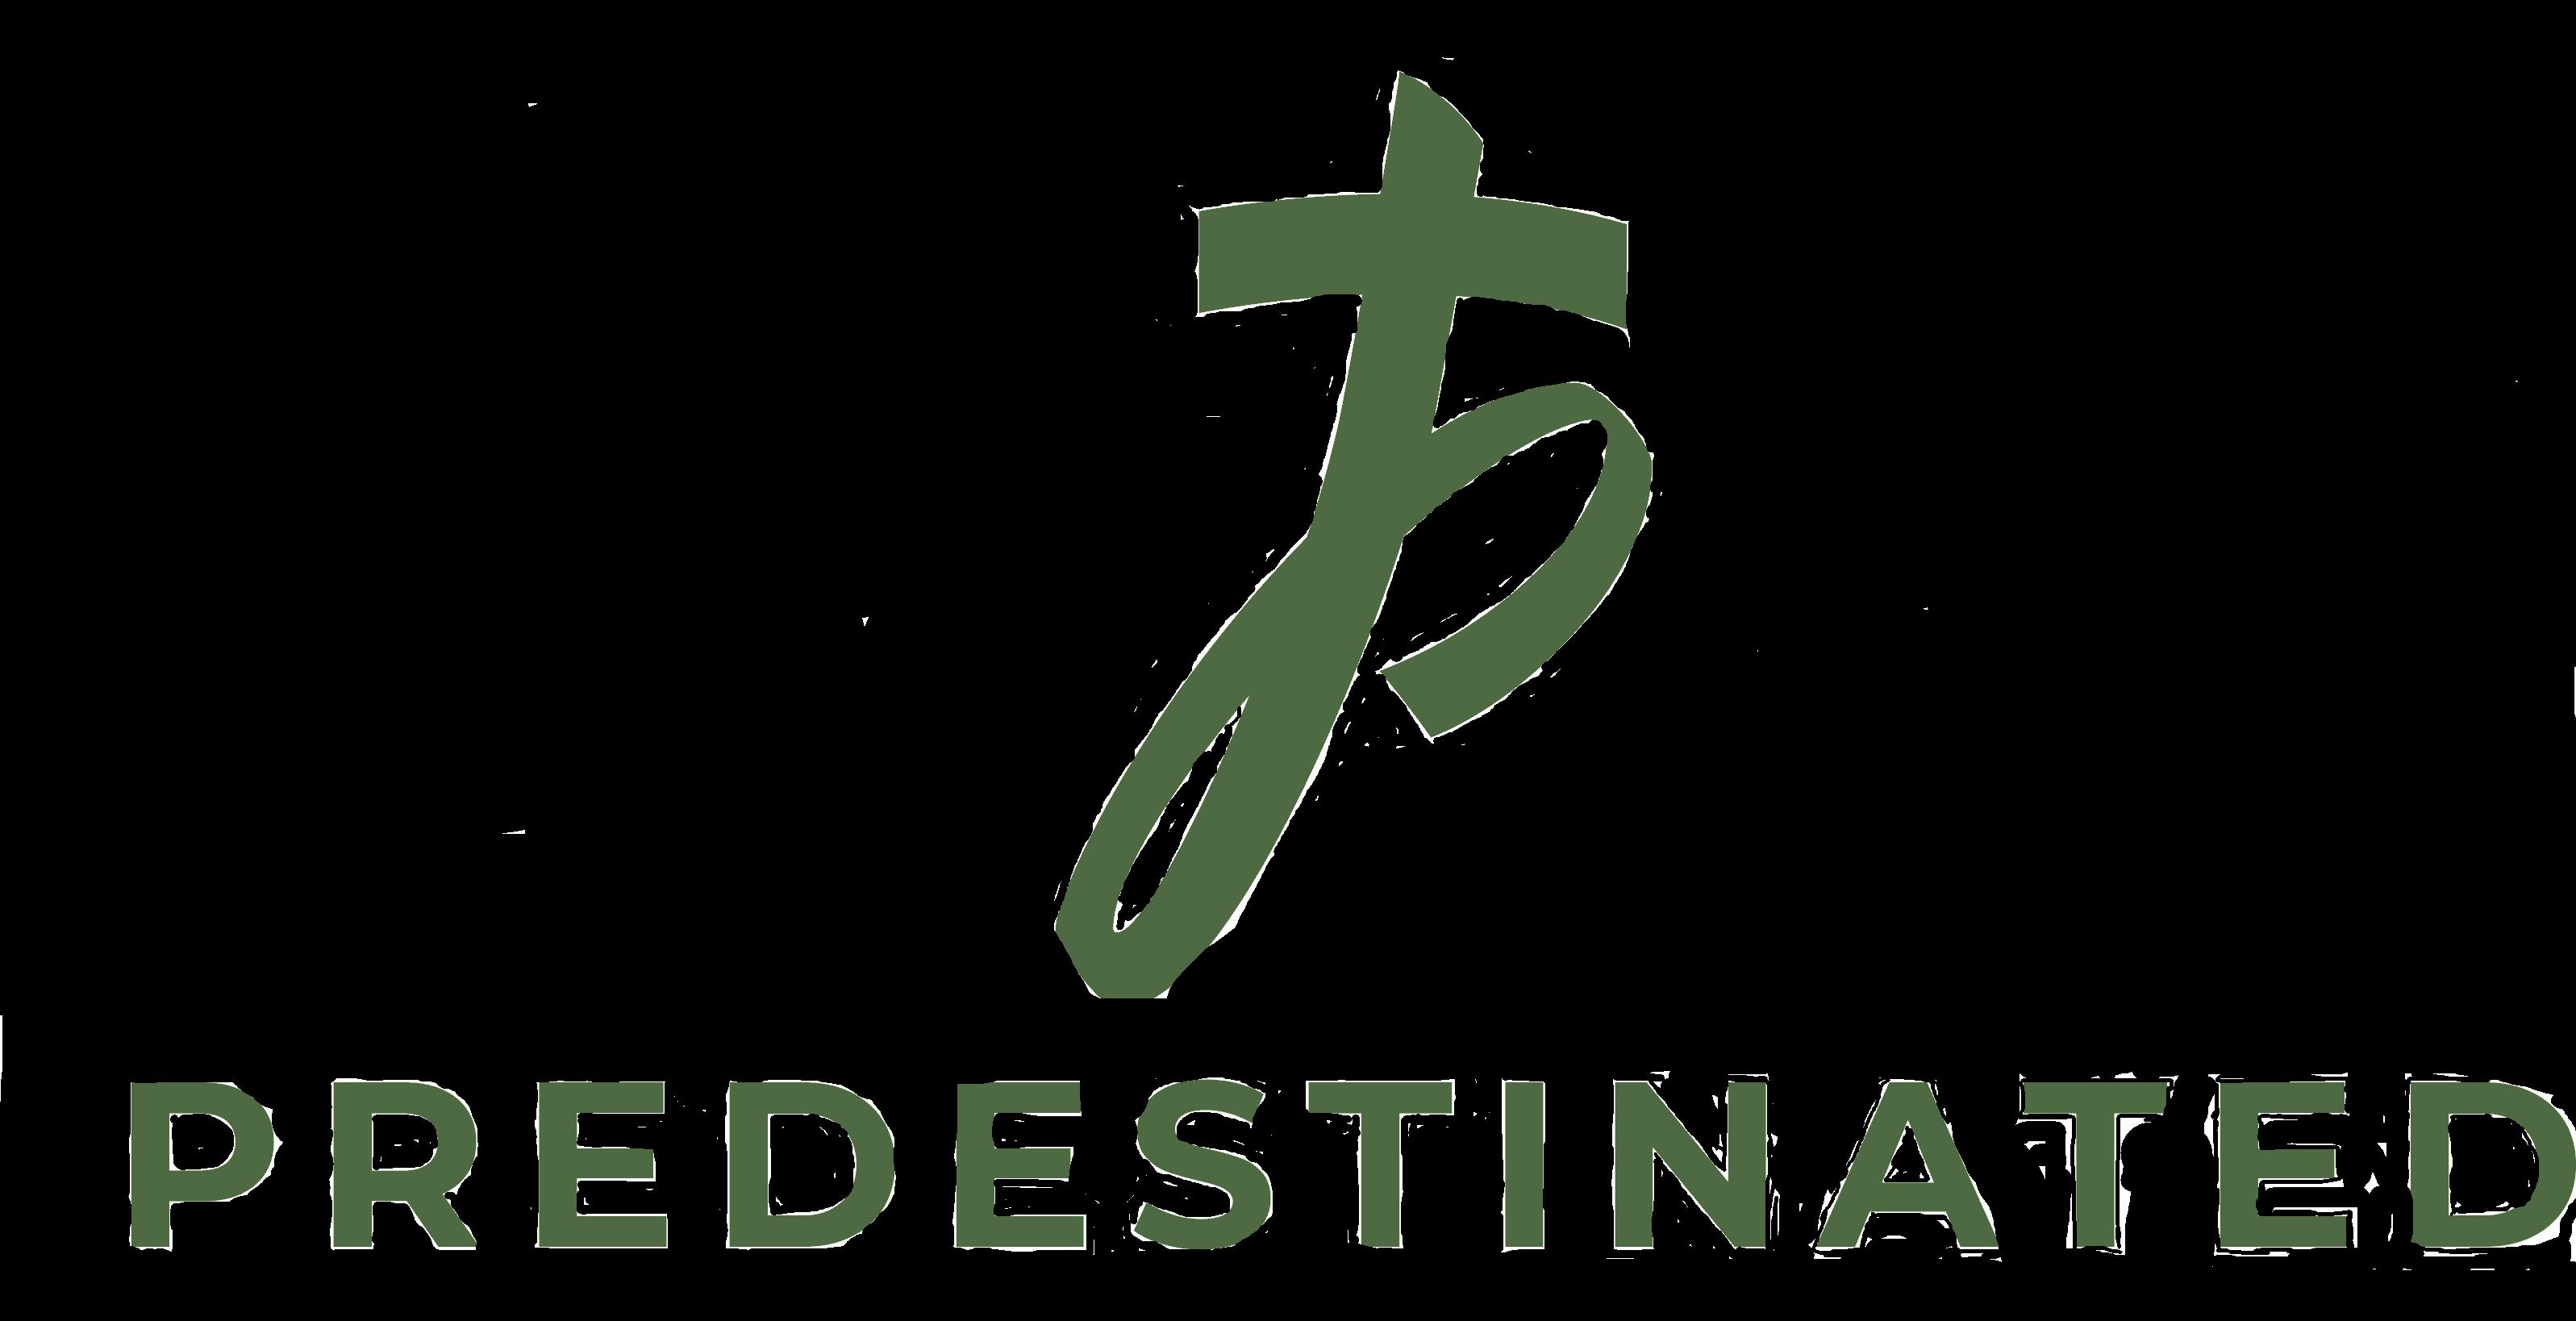 Predestinated